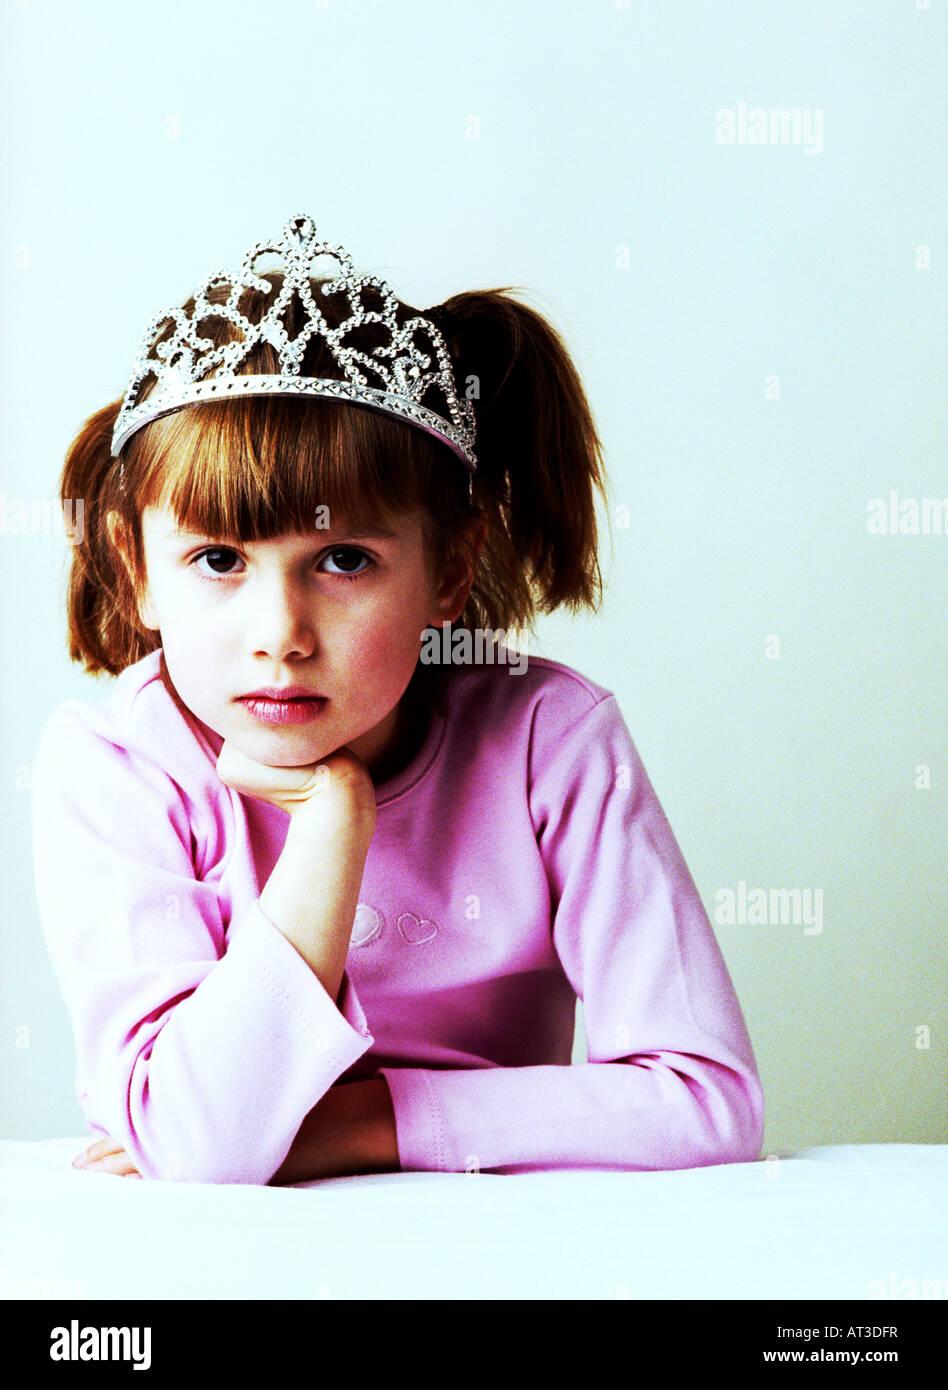 Ein Mädchen trägt ein pinkes Top und tiara Stockbild